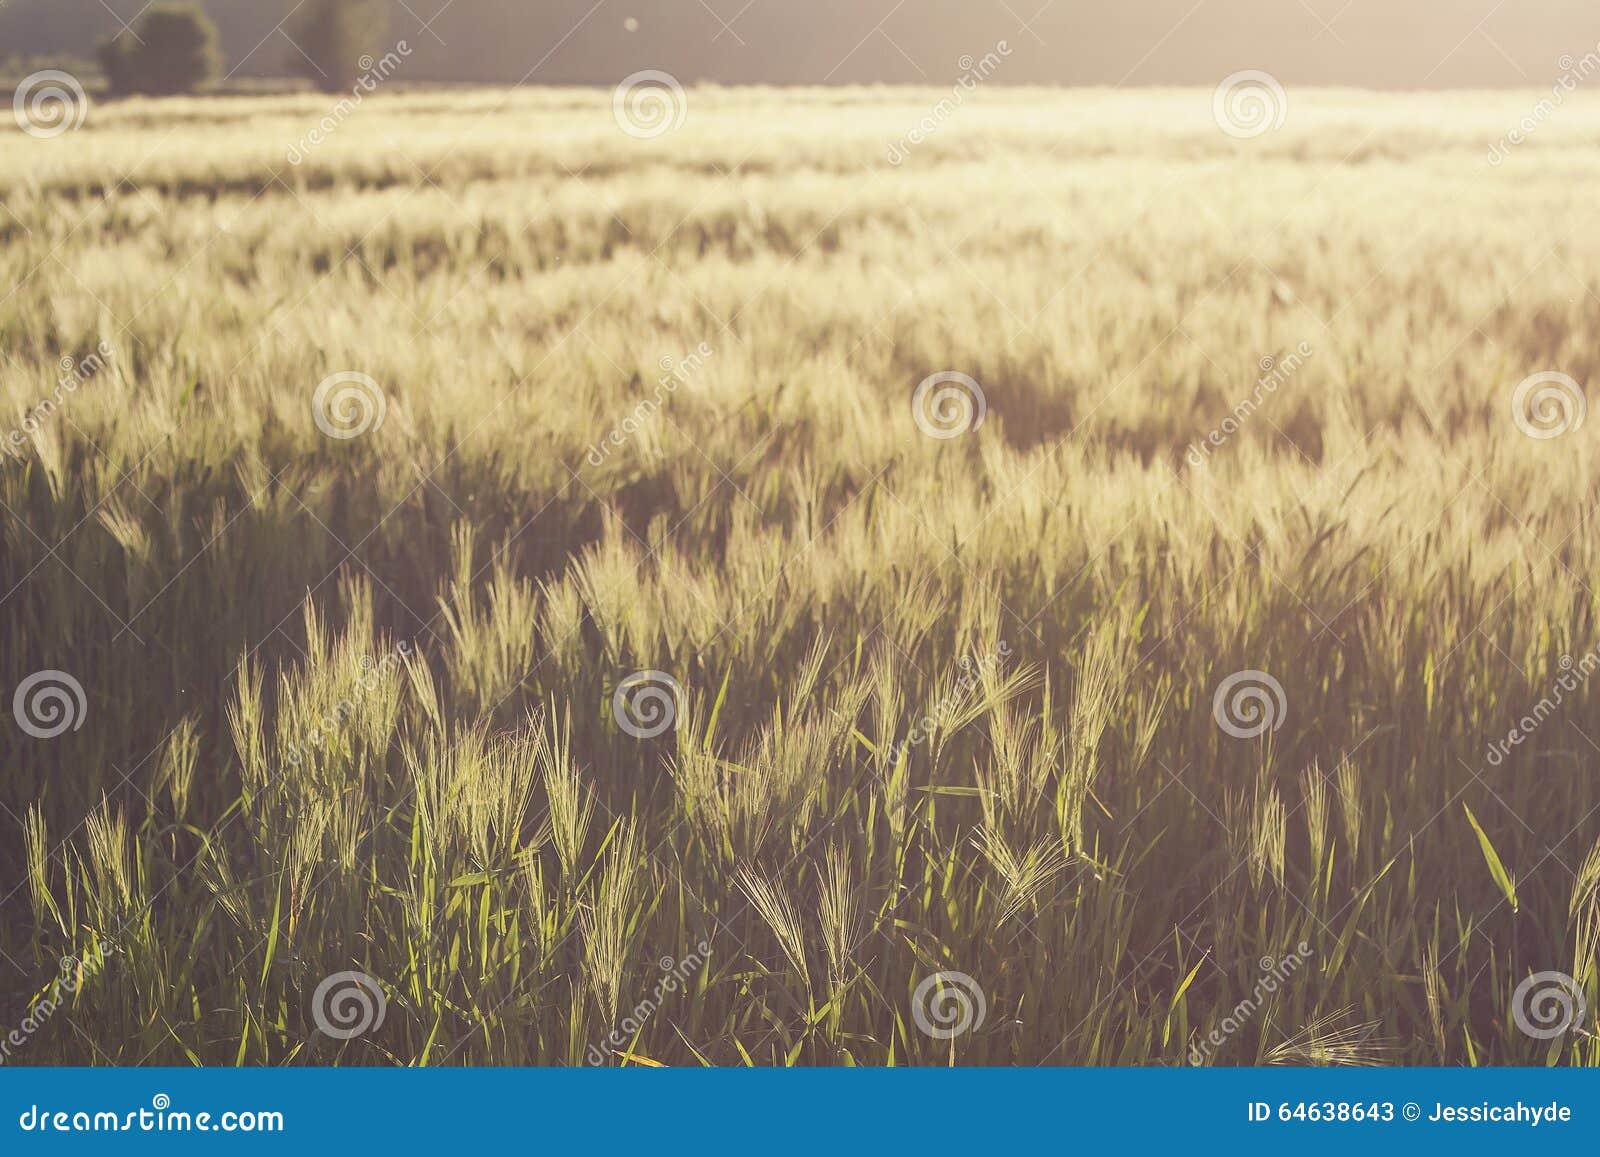 Wheat fields in summer